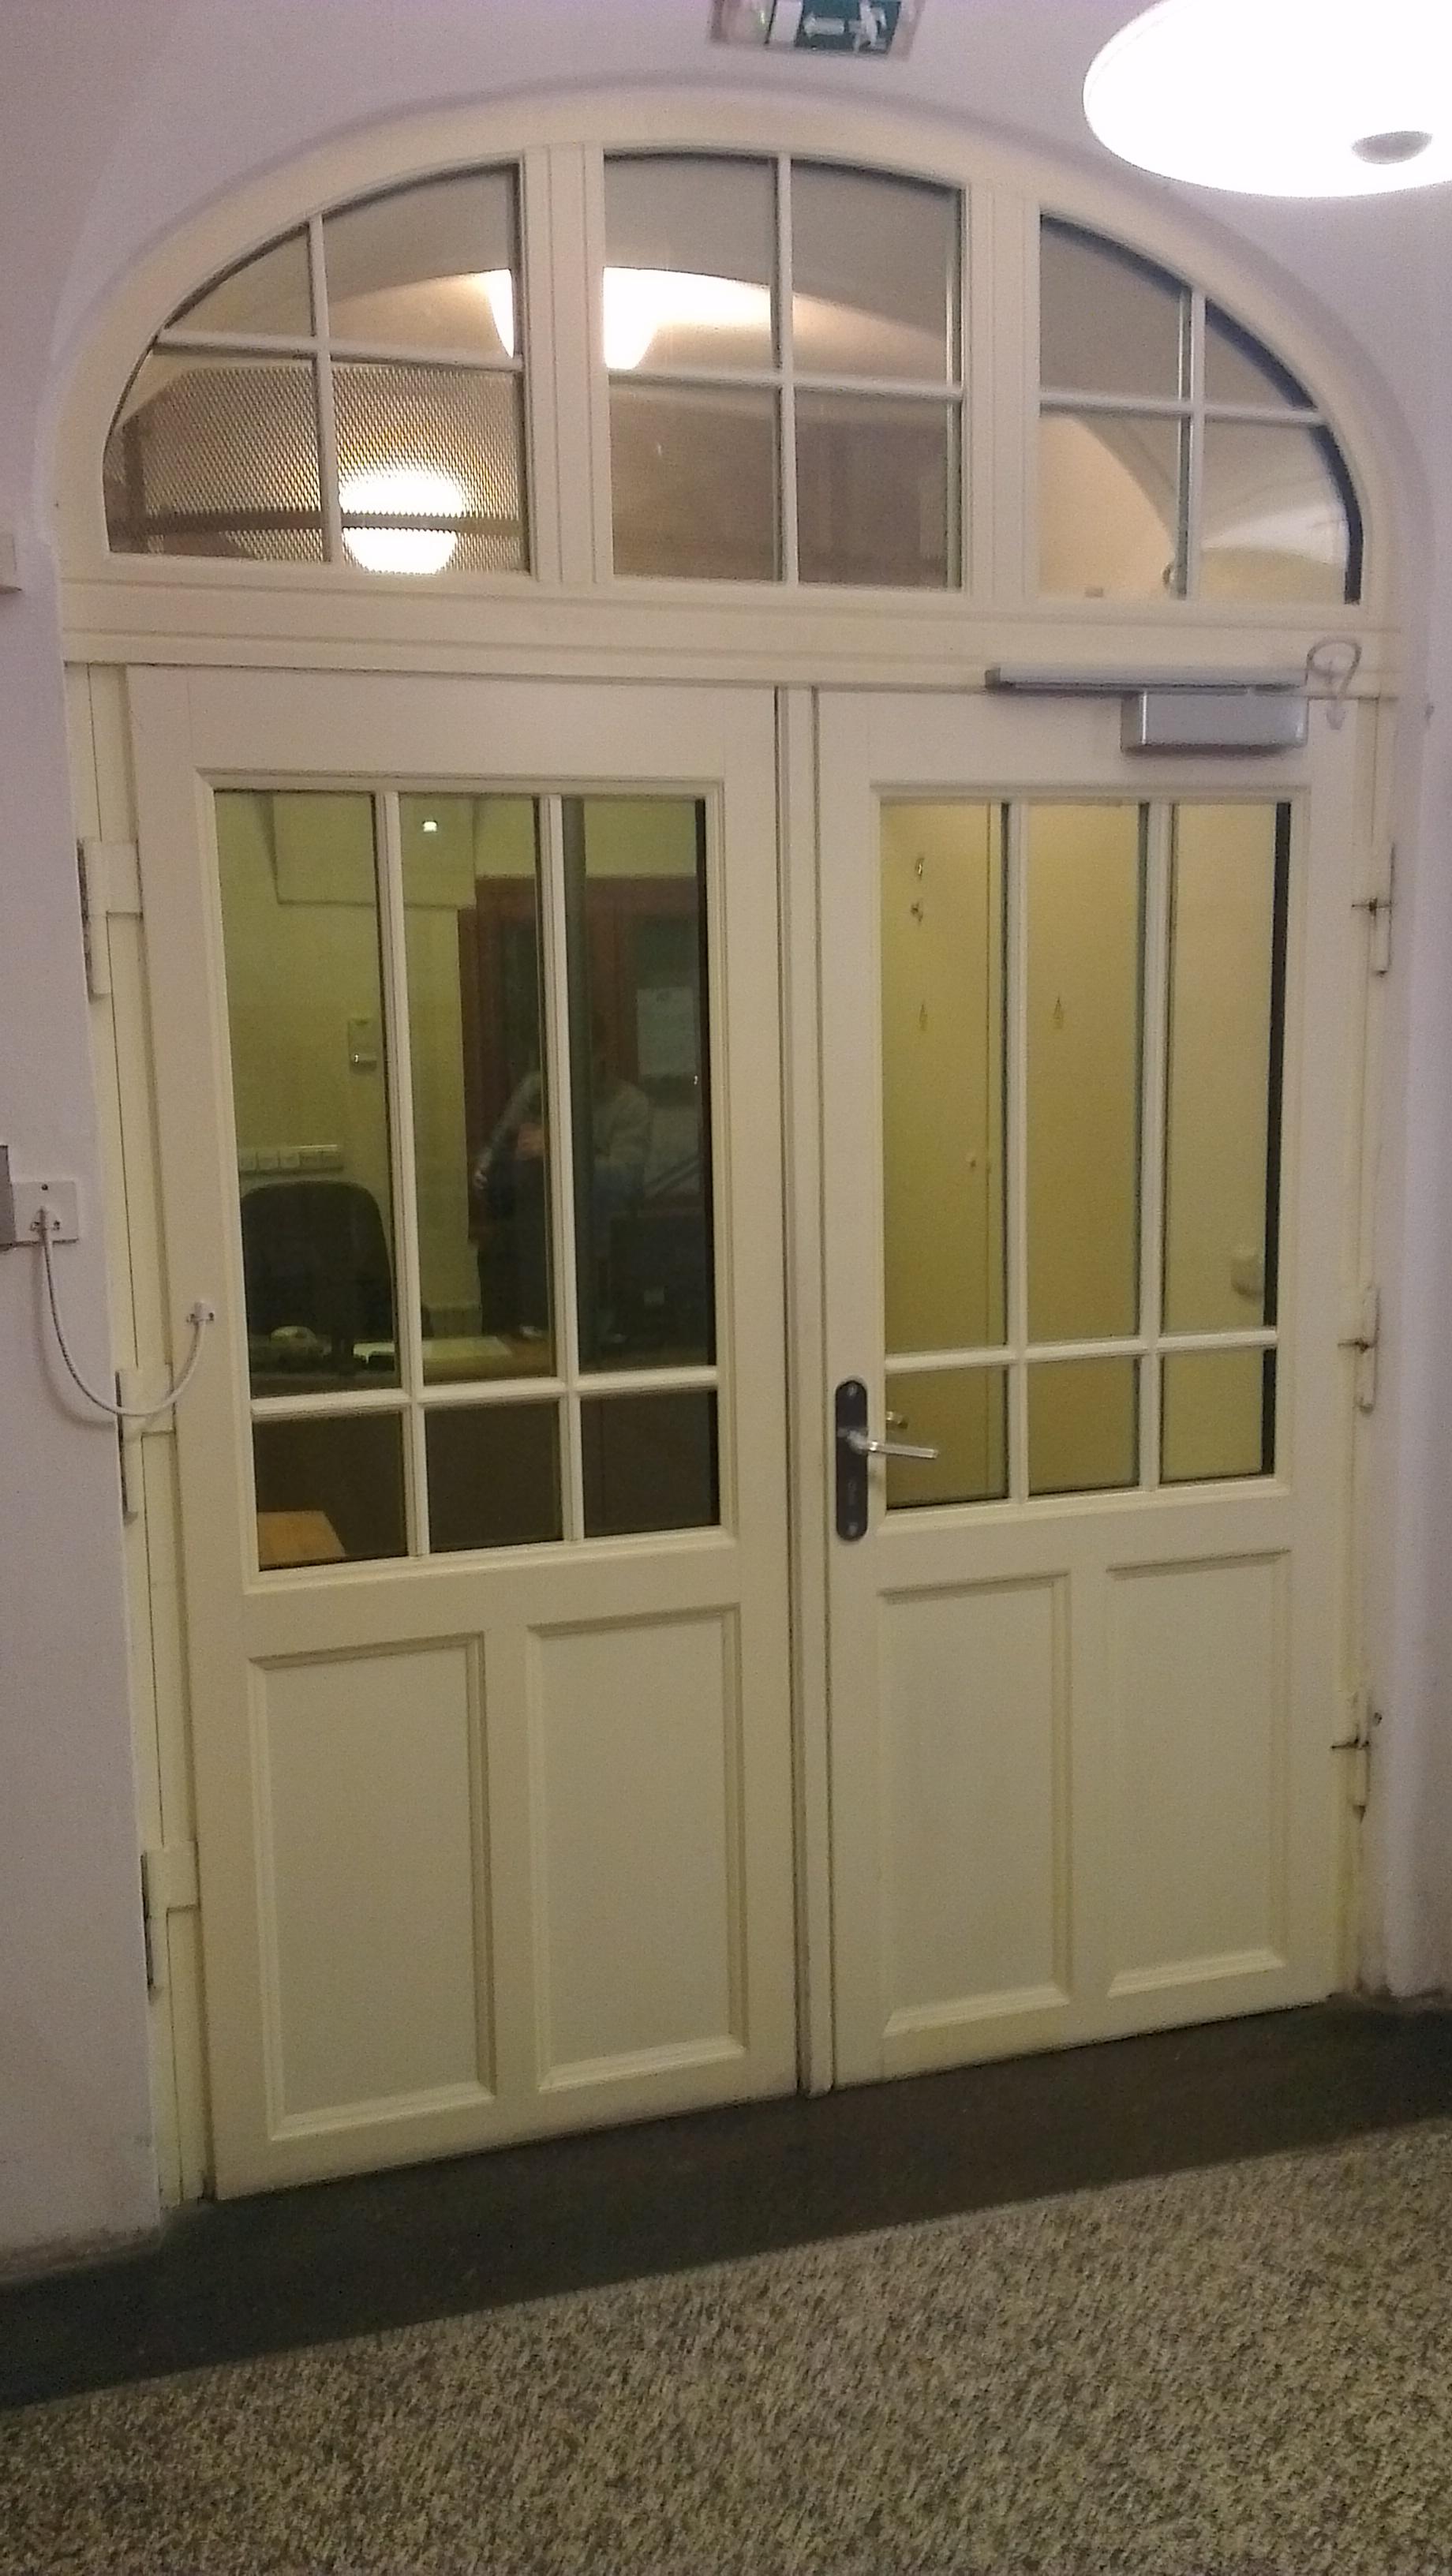 Provozně nevyhovující zabezpečení a  ovládání dveří elektromechanickým zámkem